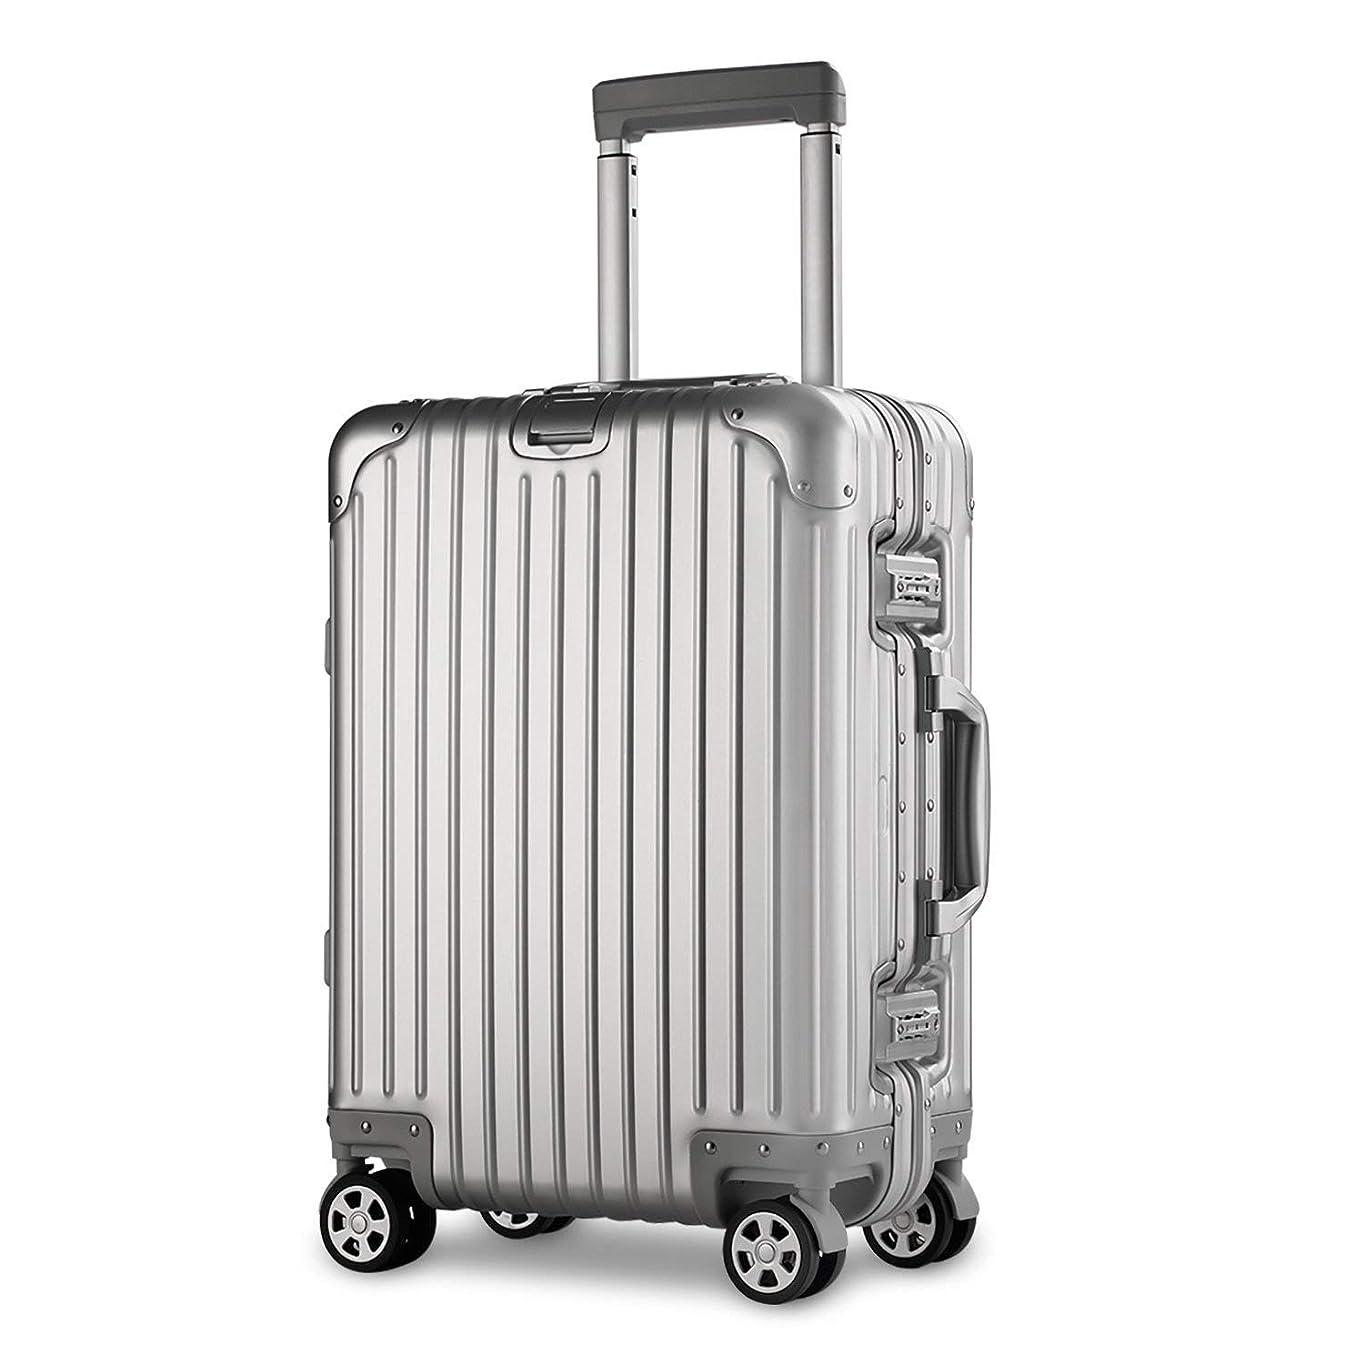 出来事割合フィルタ【XDJ Life】 スーツケース アルミマグネシウム合金 キャリーバッグ ダブルキャスター?静音 キャリーケース TSAロック搭載 フレームタイプ ドイツ製カバー付き 軽量 機内持込